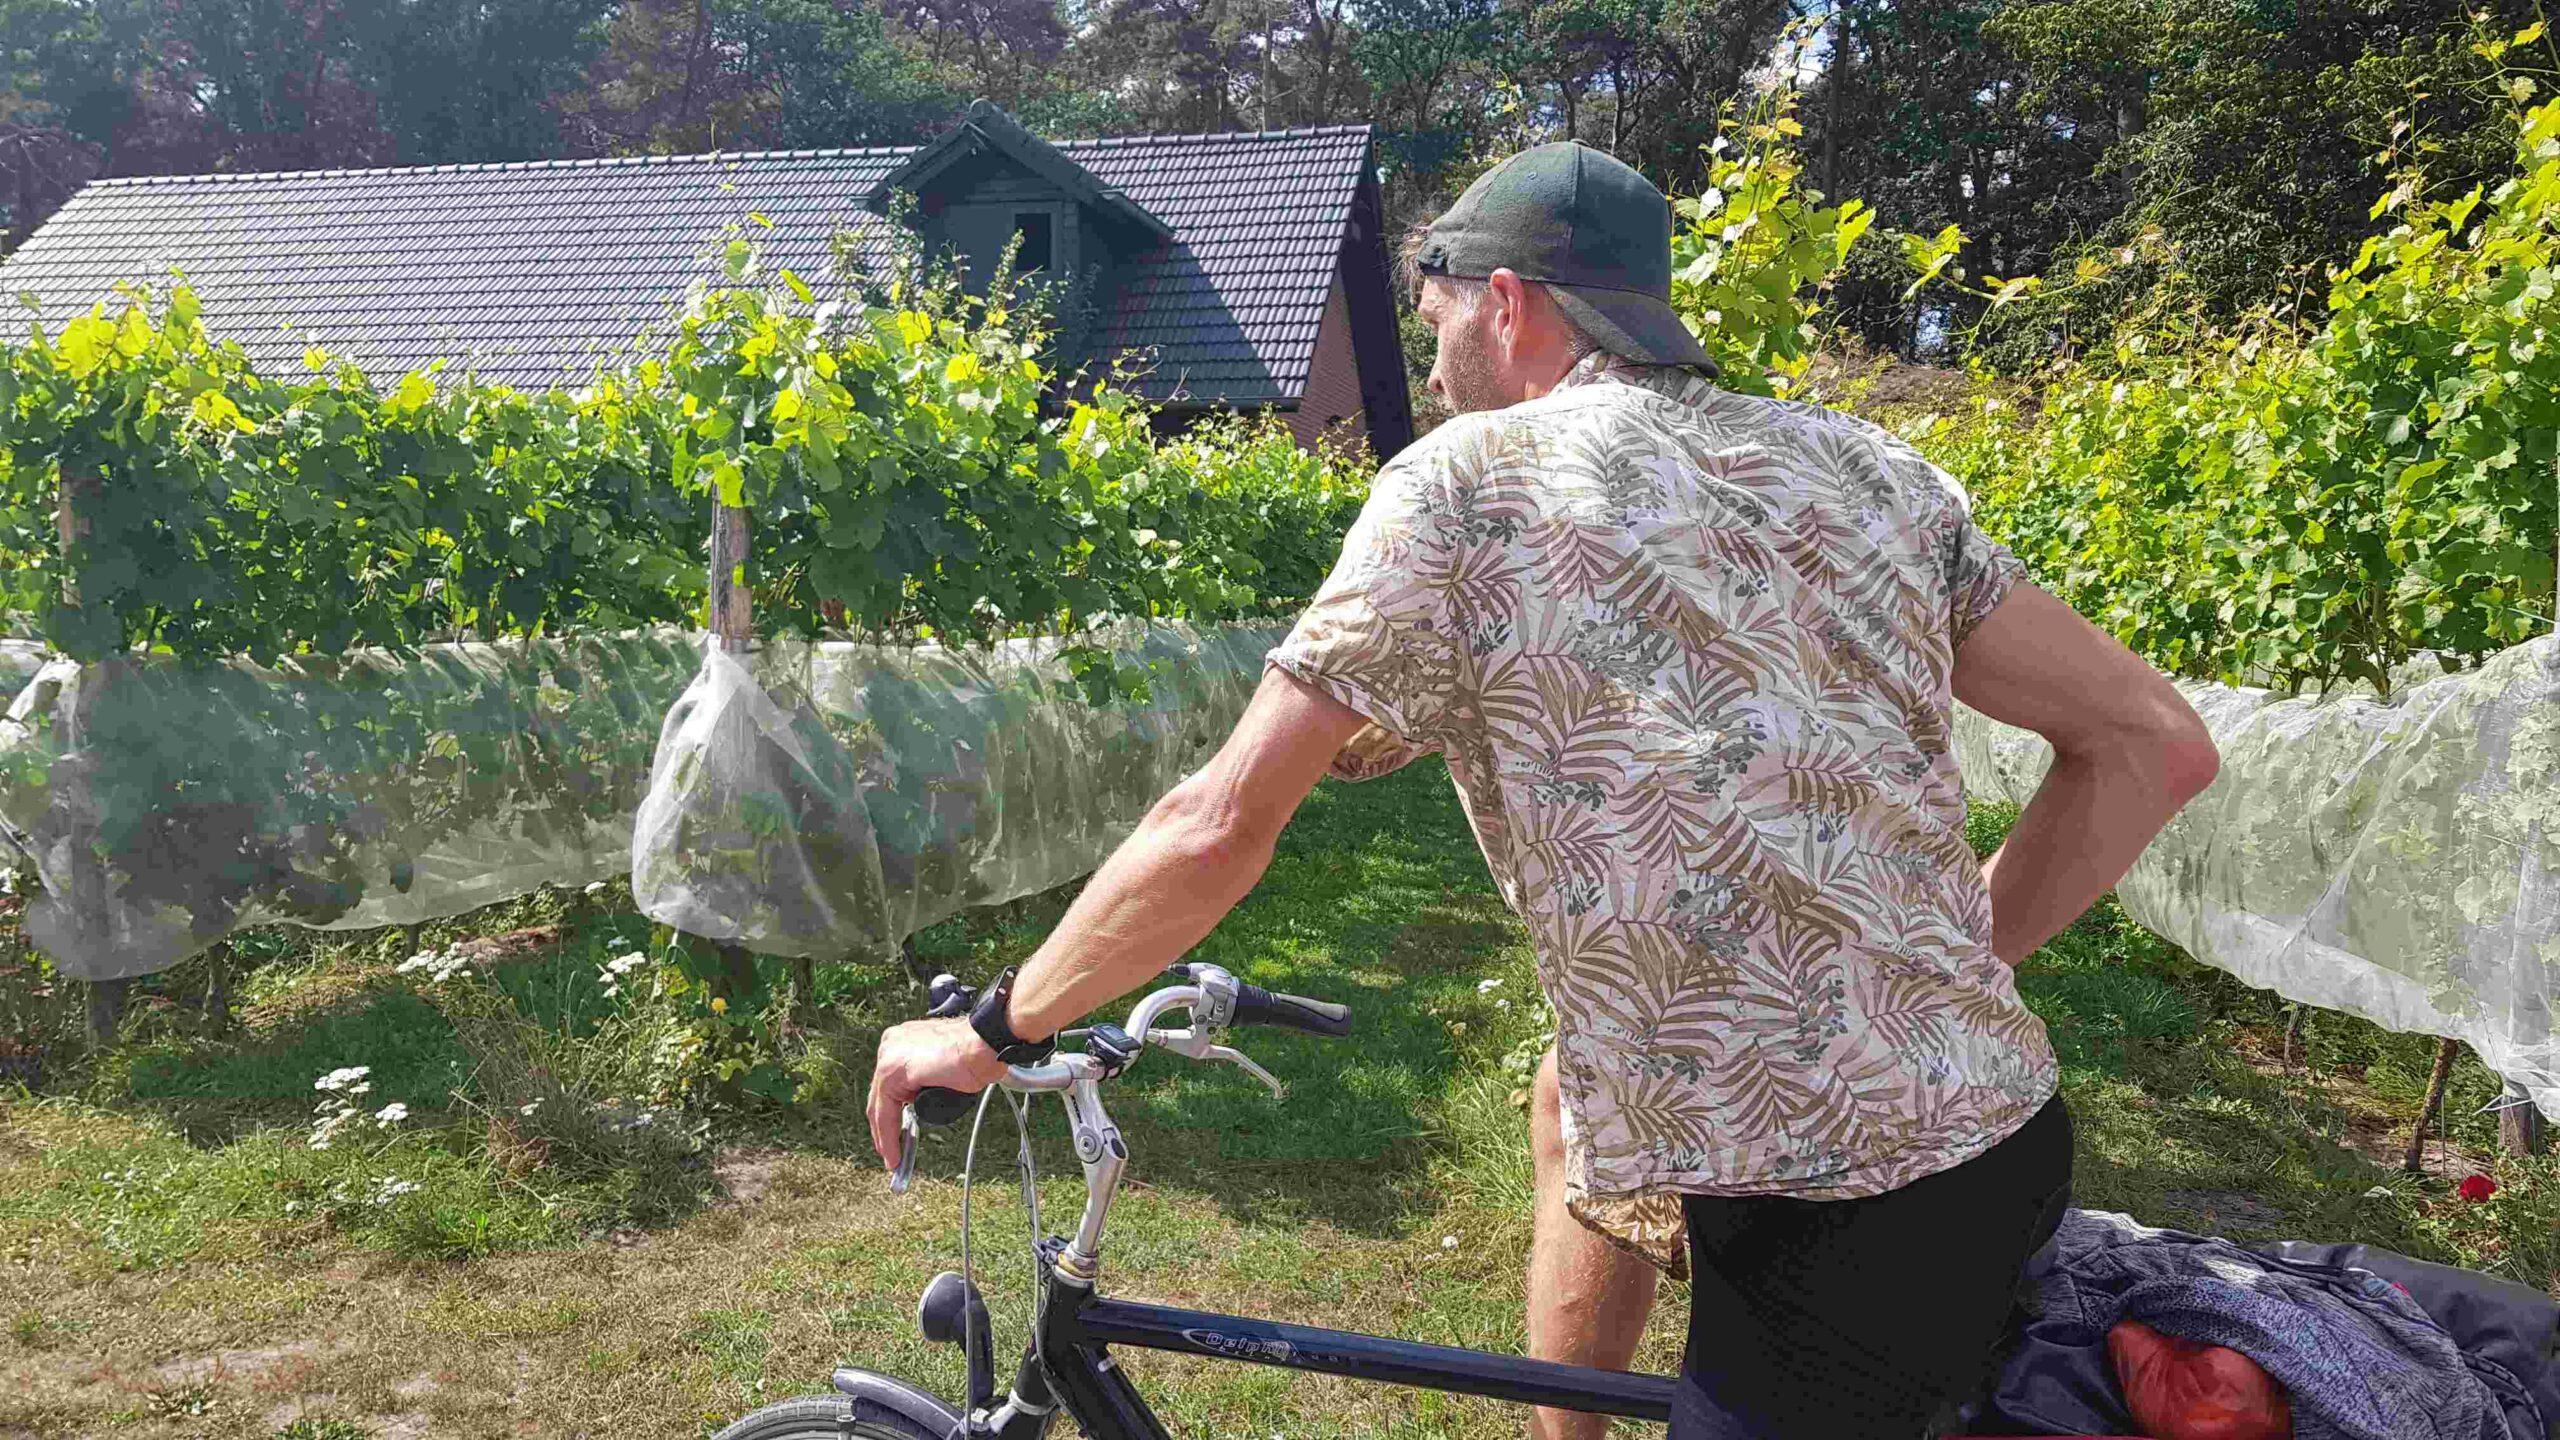 Ronde-van-Nederland-op-de-fiets-JP-druiven